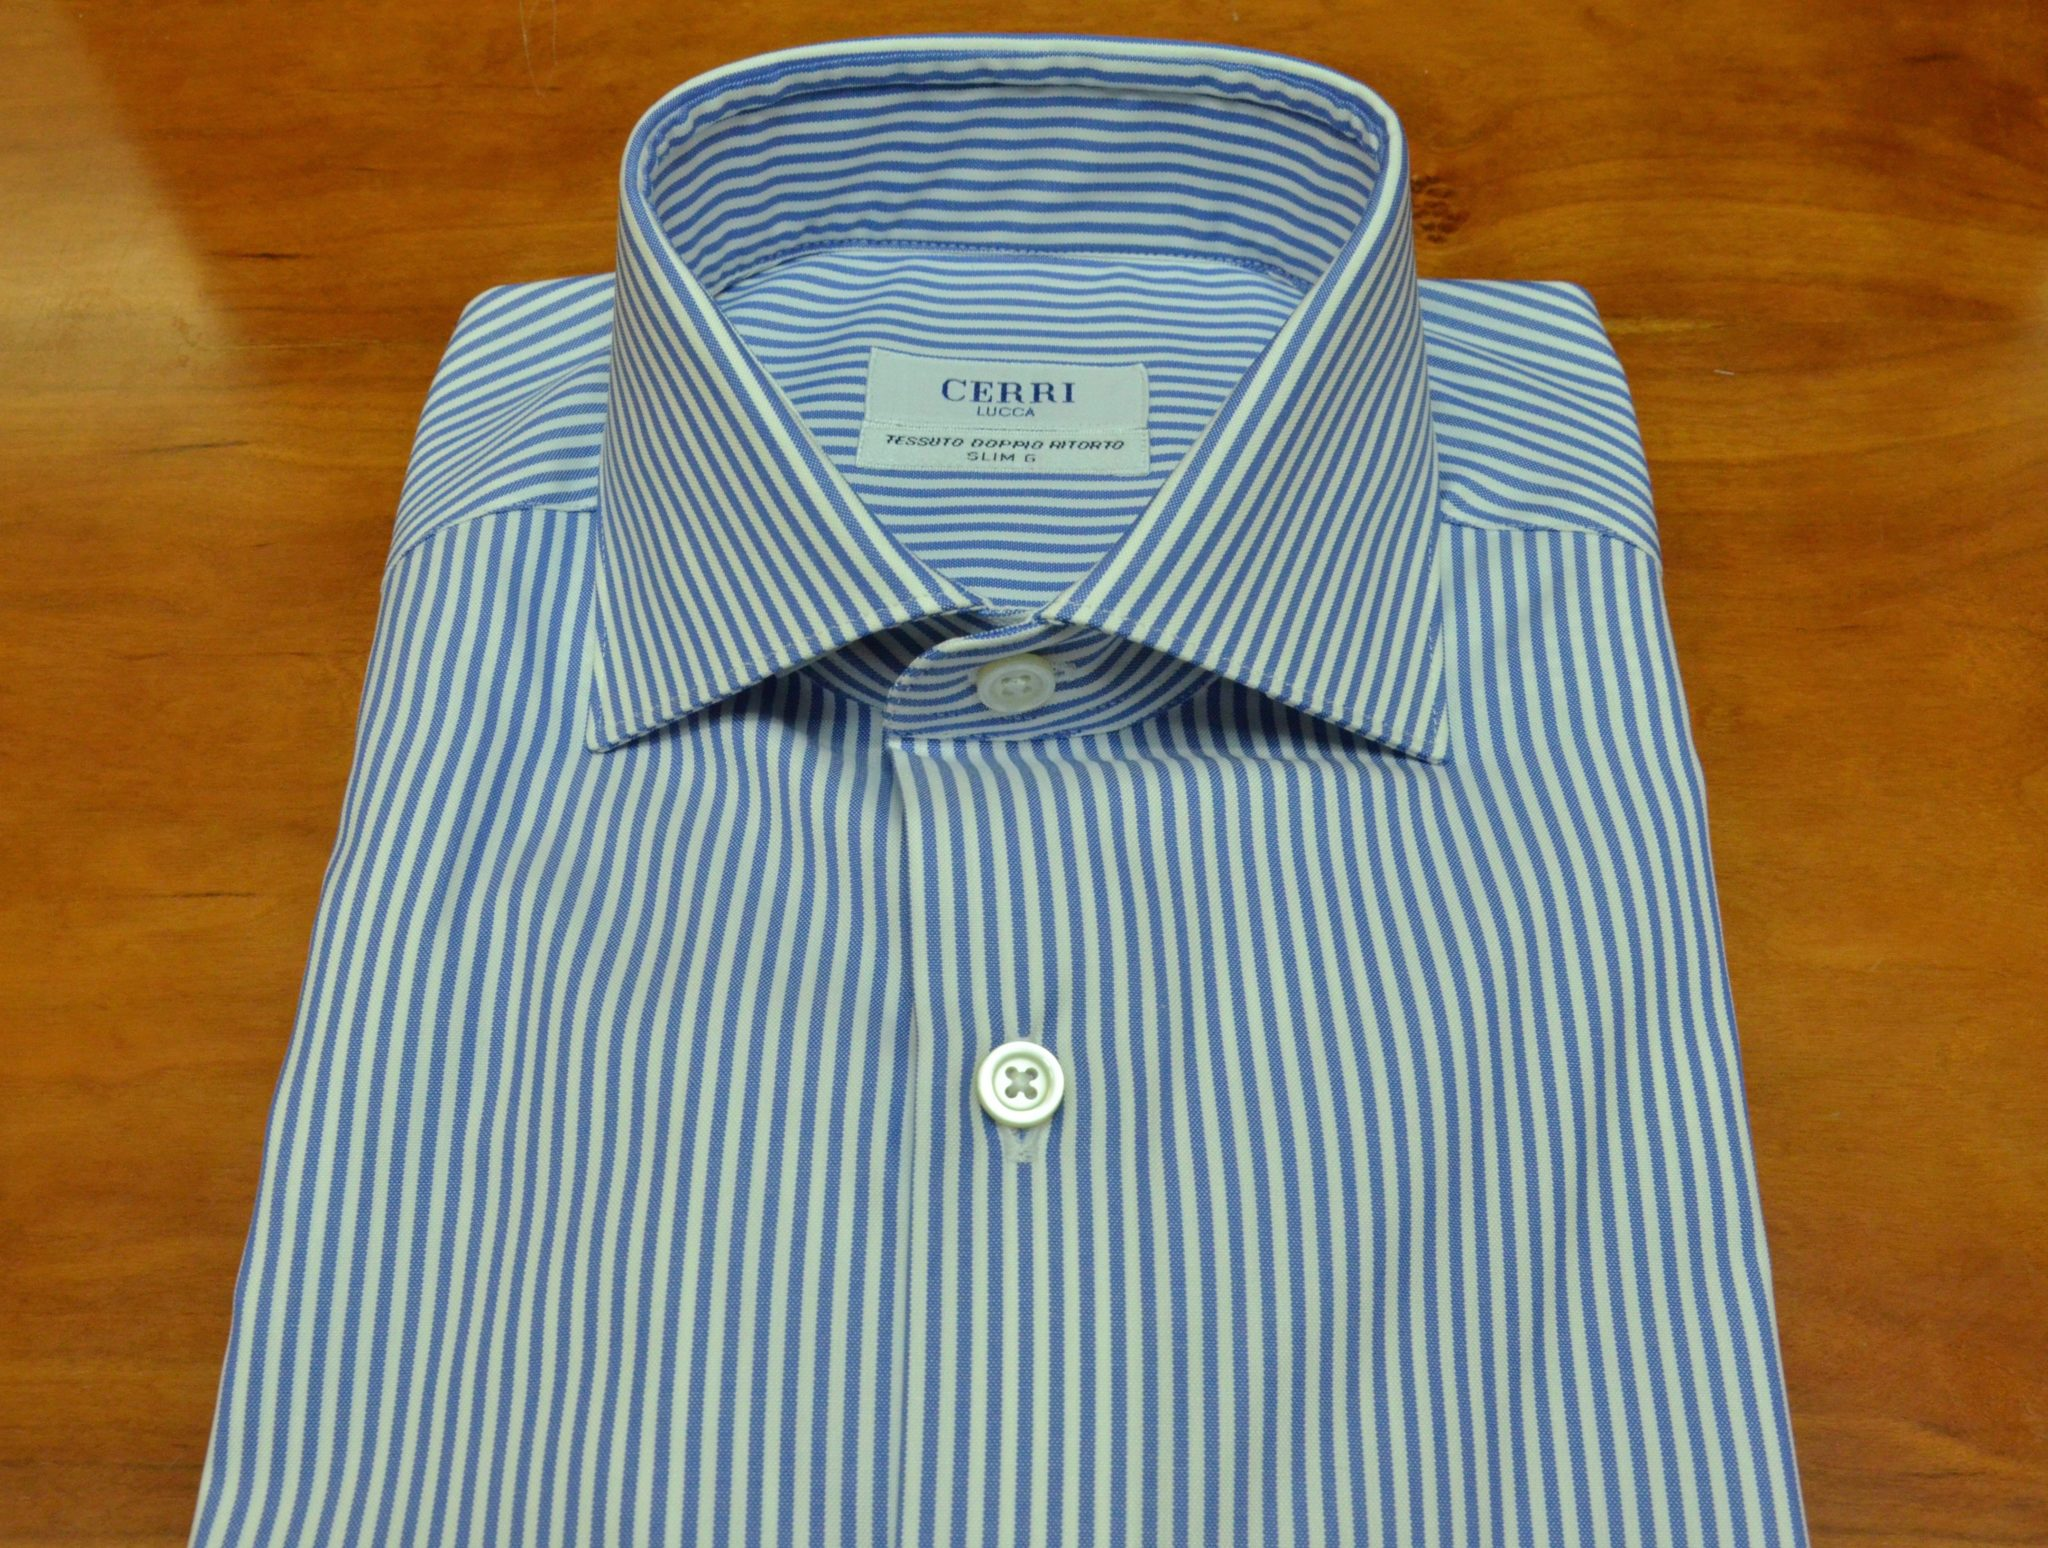 a5ad6ae5 shirt in pure cotton two ply - Cerri Camiceria